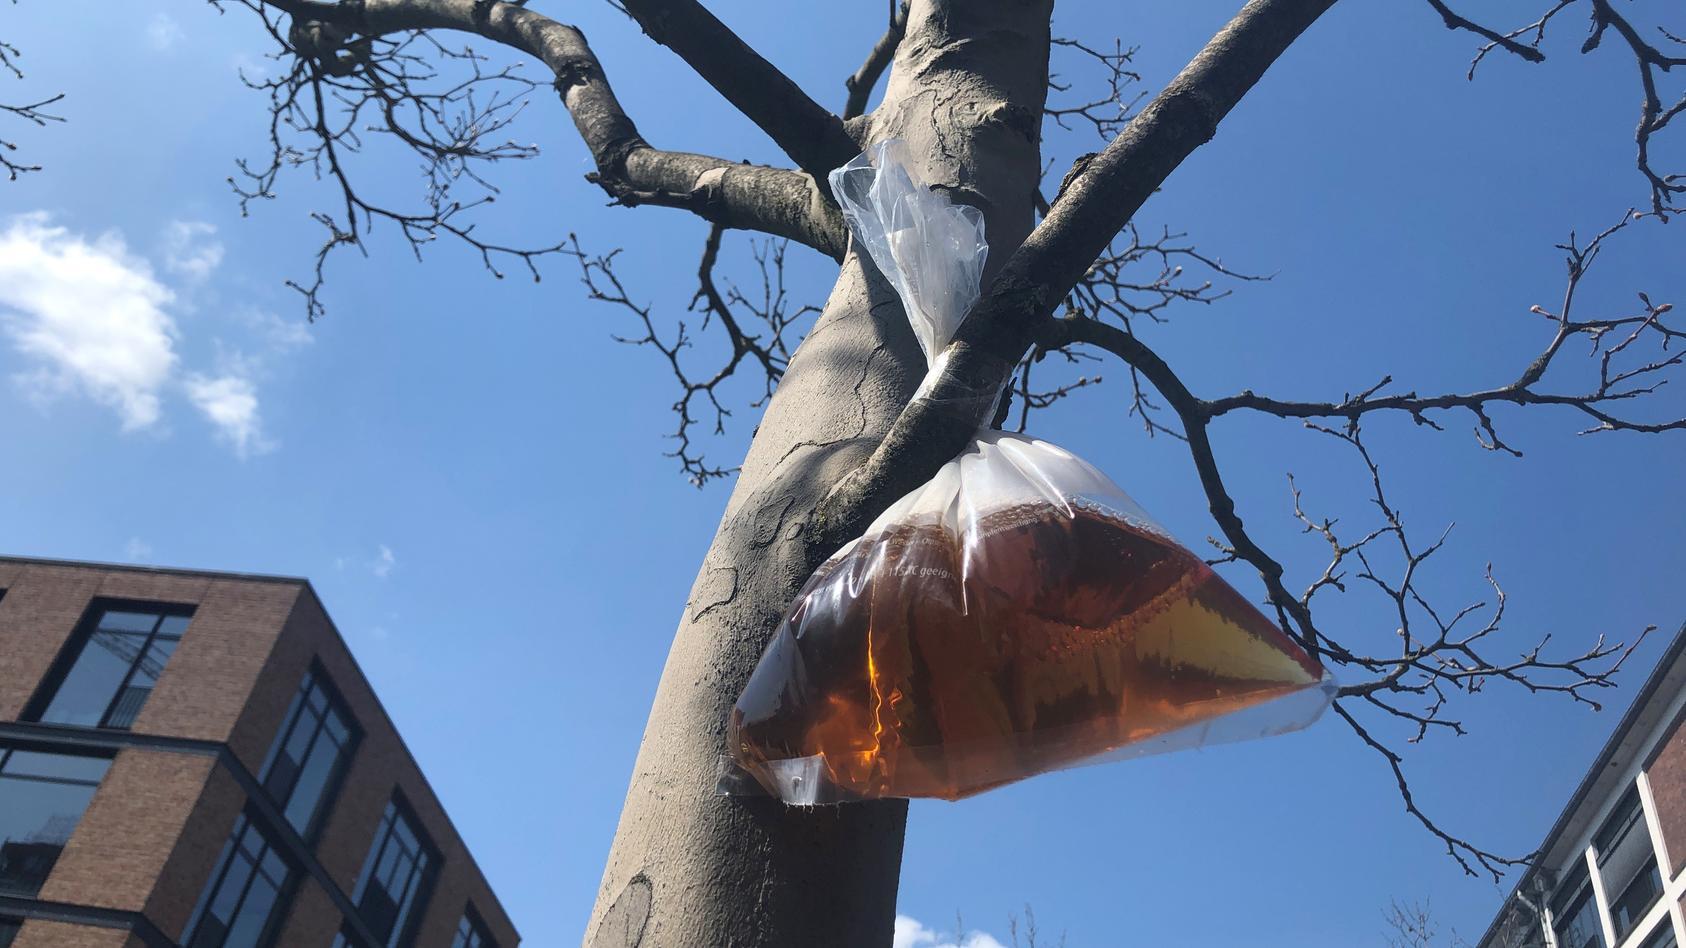 Nachgestellte Szene: Urinbeutel im Baum.